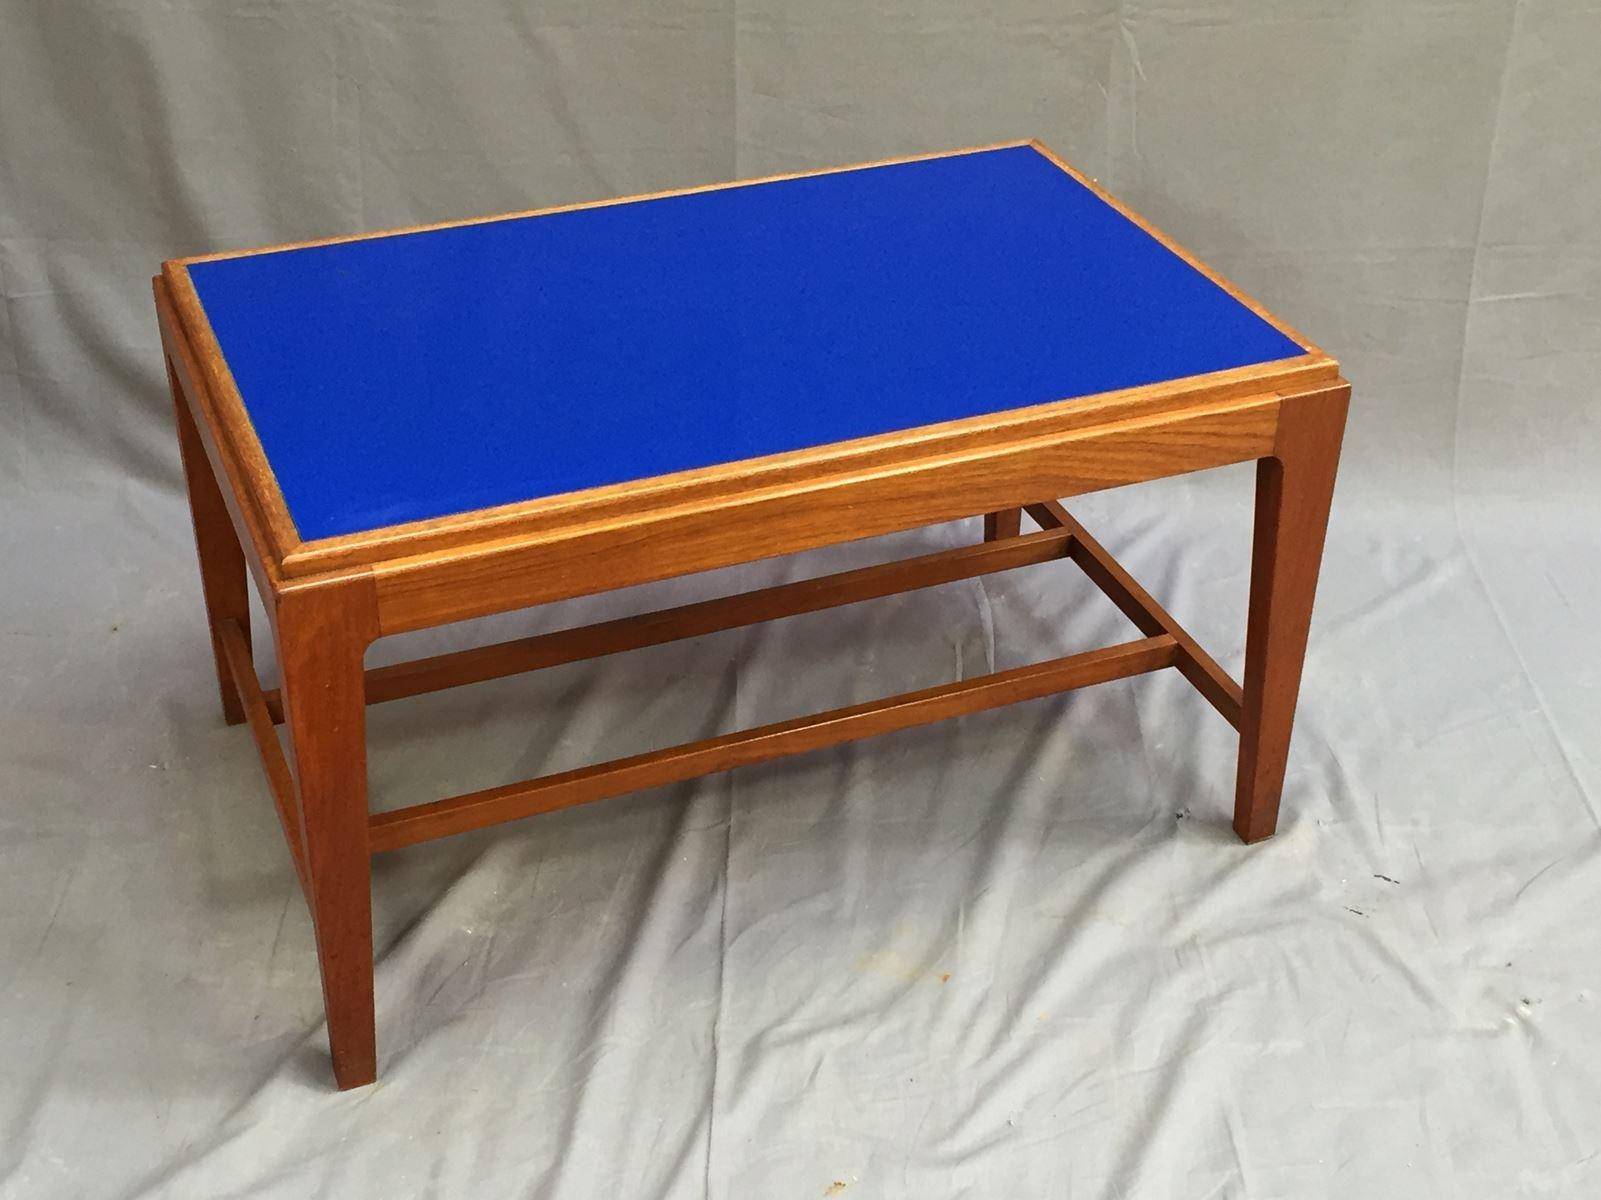 couchtisch aus teak mit blauer glasplatte 1970er bei. Black Bedroom Furniture Sets. Home Design Ideas